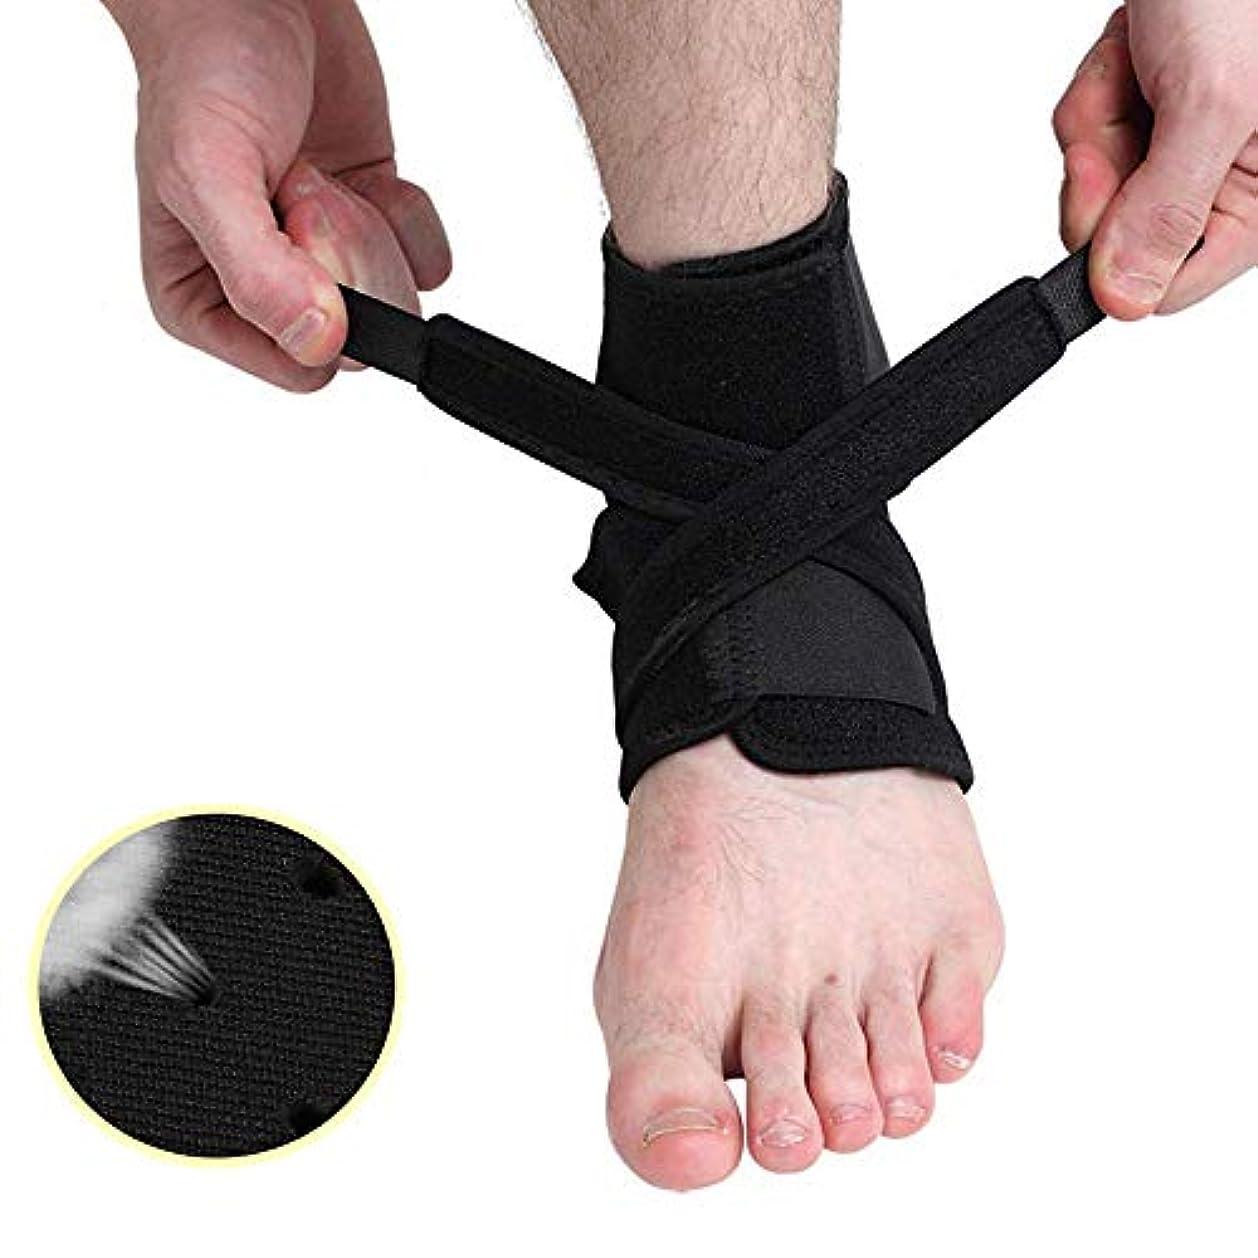 故障絞るところで足首関節サポート - 男性と女性用の足首関節包帯、通気性足首関節ケア、ウォーキング、ランニング、関節炎捻挫保護に適しています